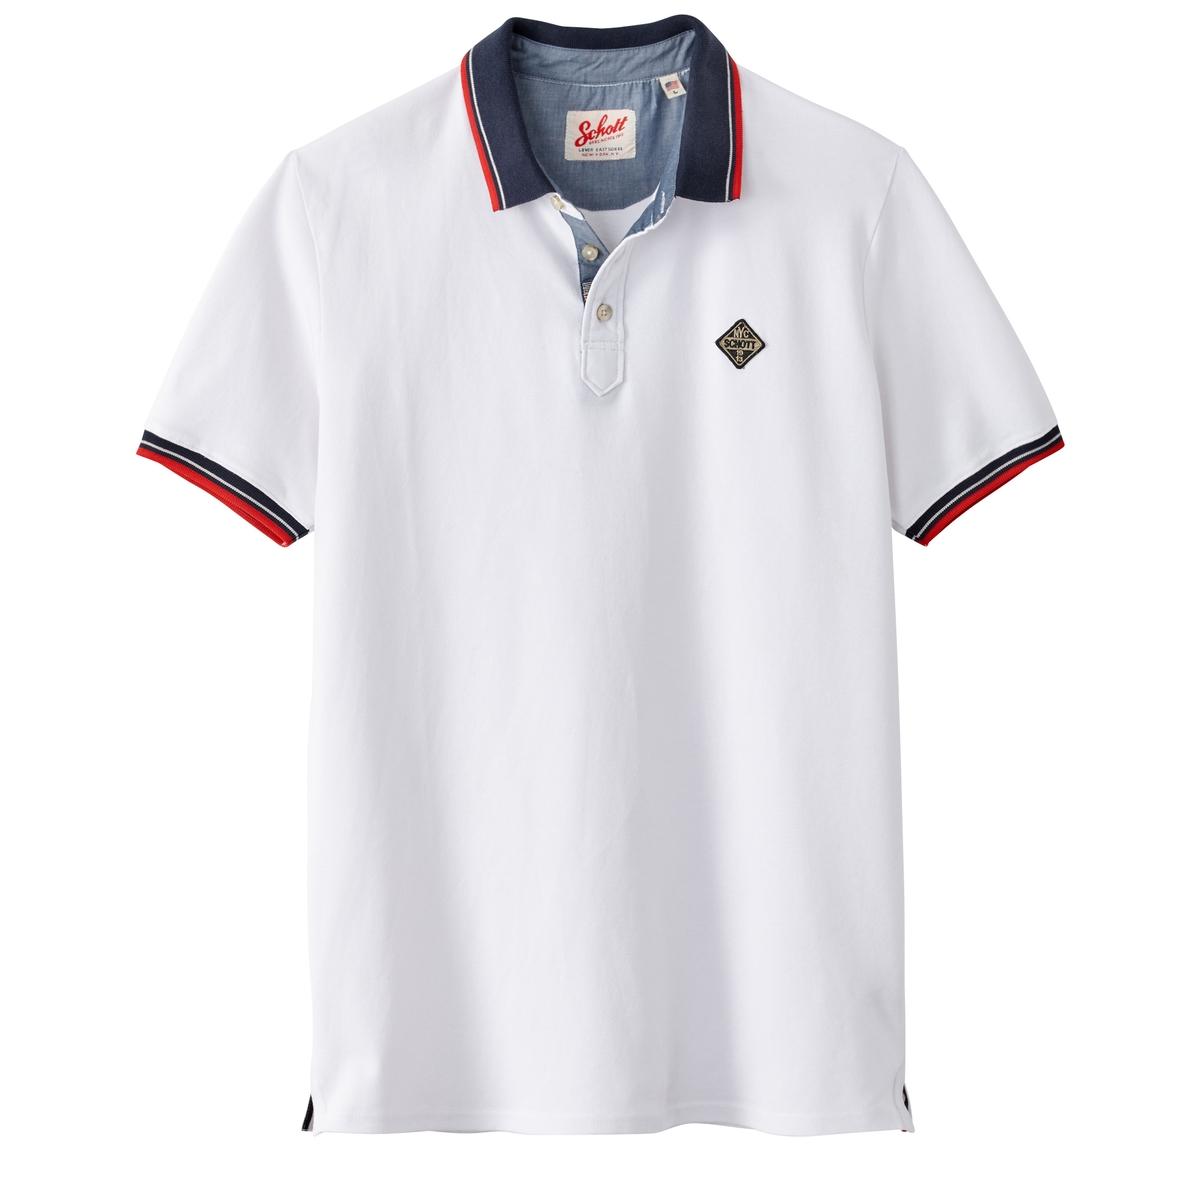 Футболка-поло с короткими рукавами PS Harbour из трикотажа пике футболка поло rj футболка поло